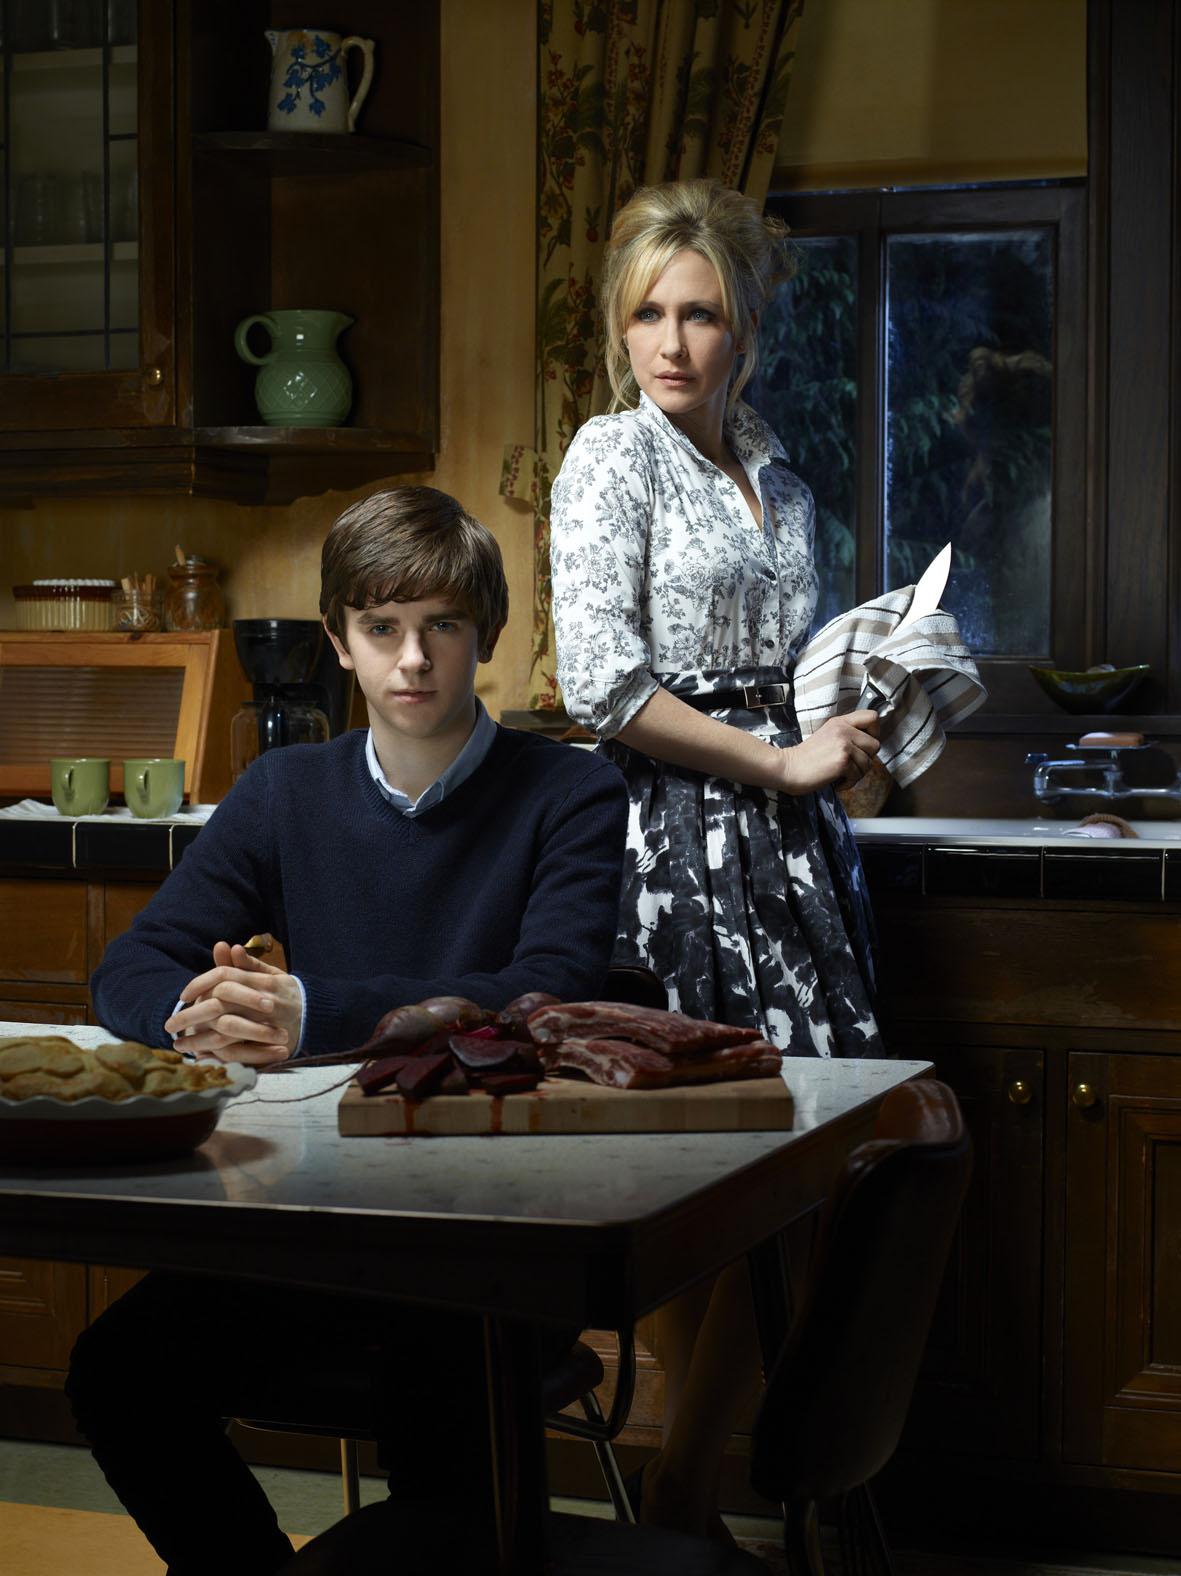 Un joven psicópata llamado Norman Bates se cuela en la pequeña pantalla